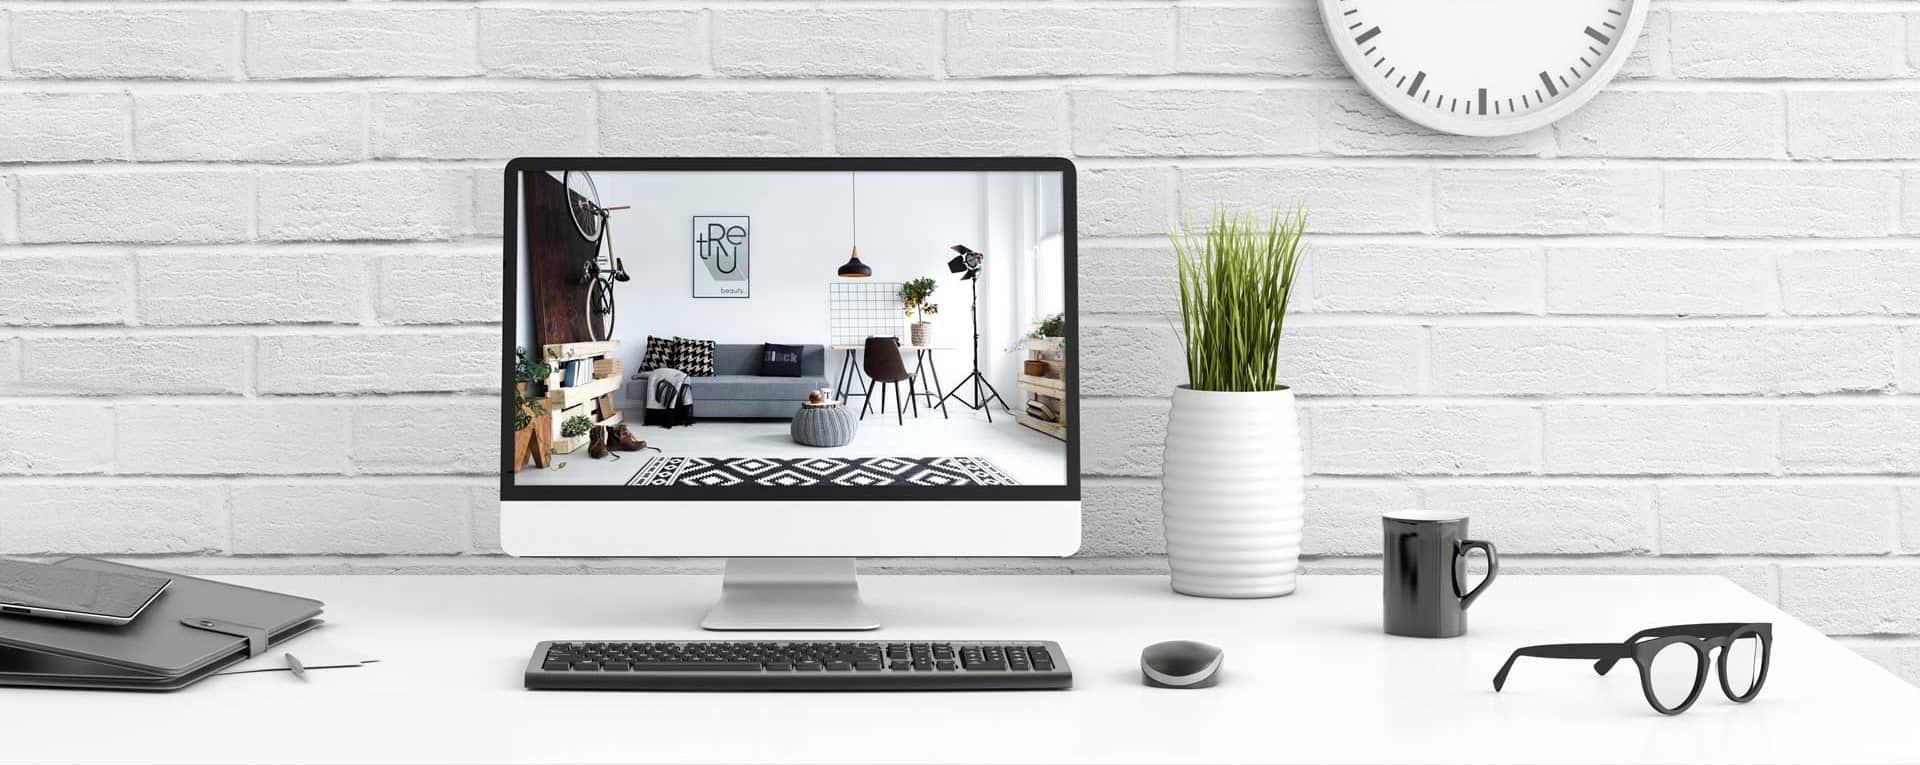 ROOMHERO-Schreibtisch vor einen weißen Mauerwand